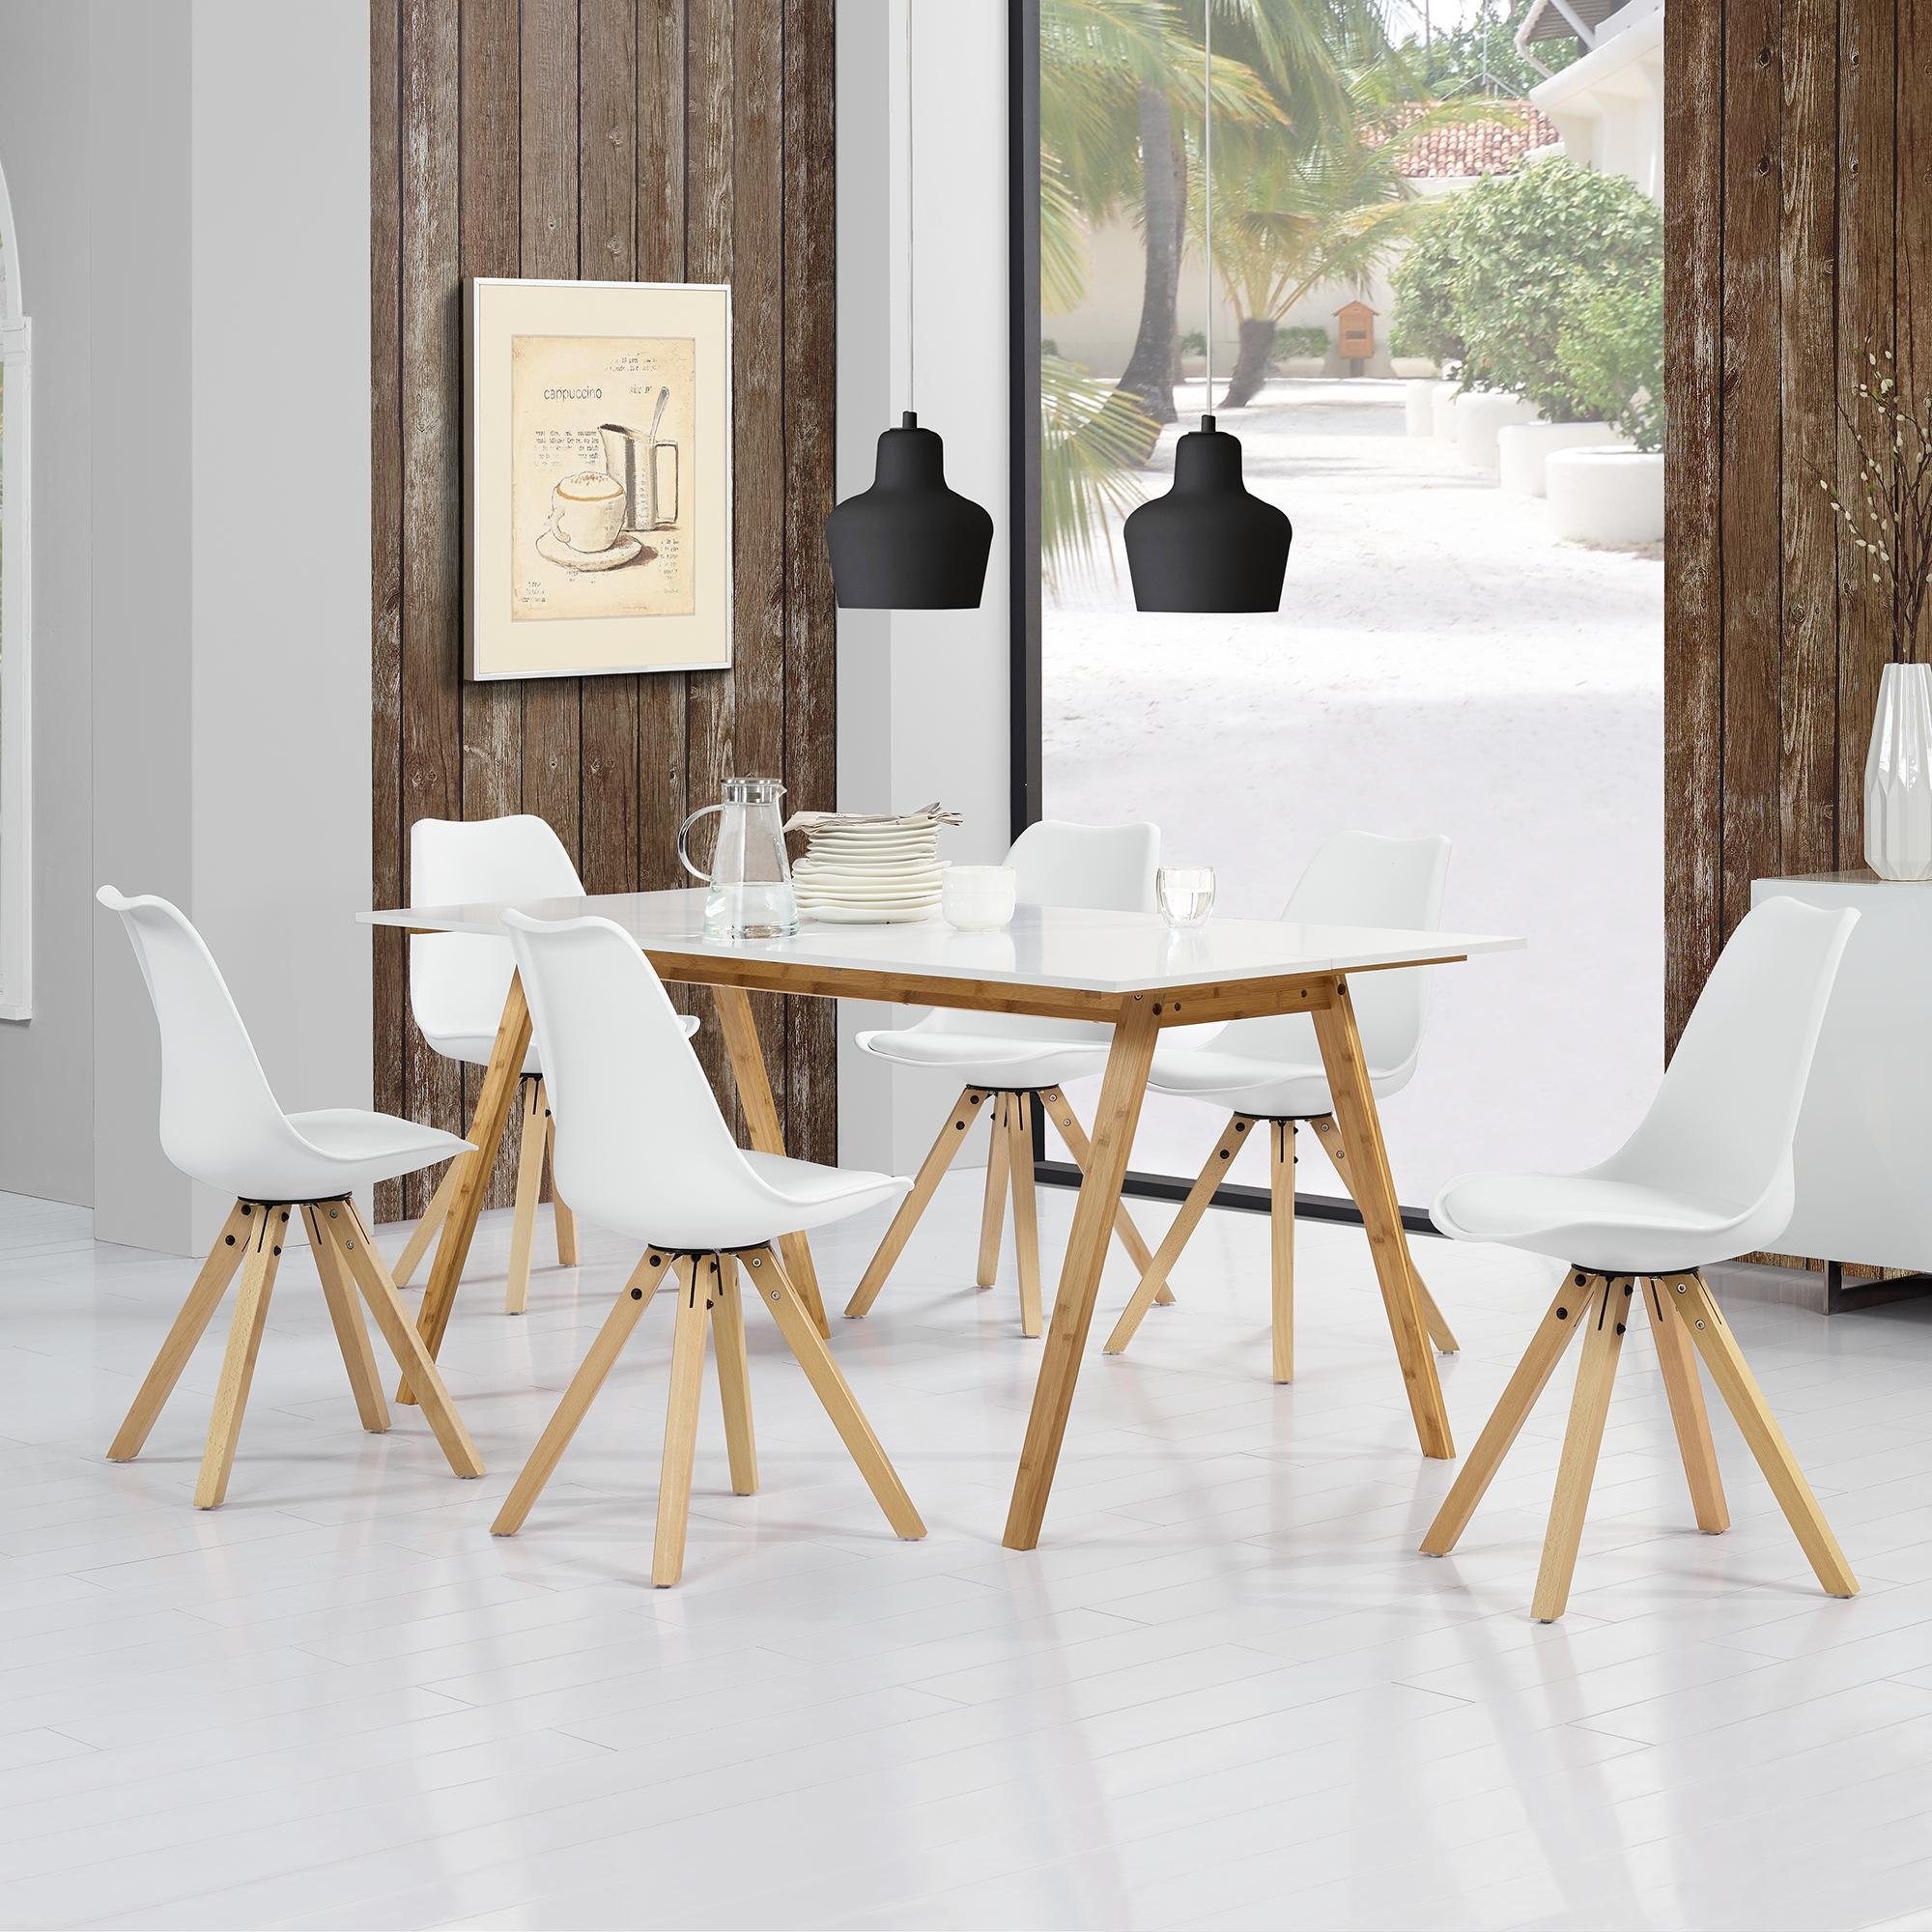 en.casa]® Esstisch Bambus mit 6 Stühlen gepolstert weiß Tisch ...